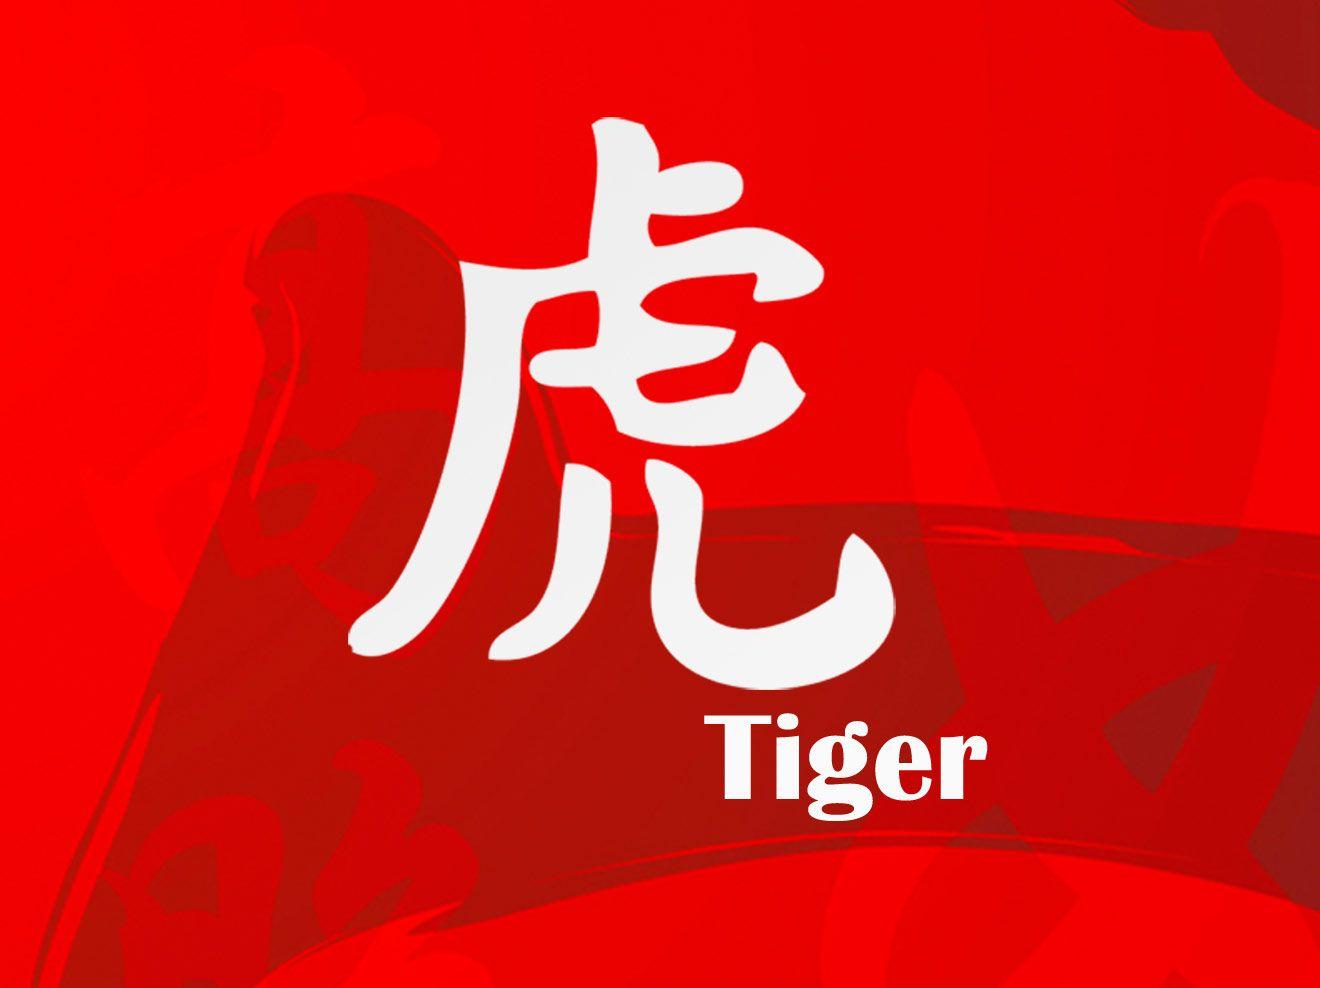 Das chinesische Jahreshoroskop 2018 für den Tiger | Chinesische ...